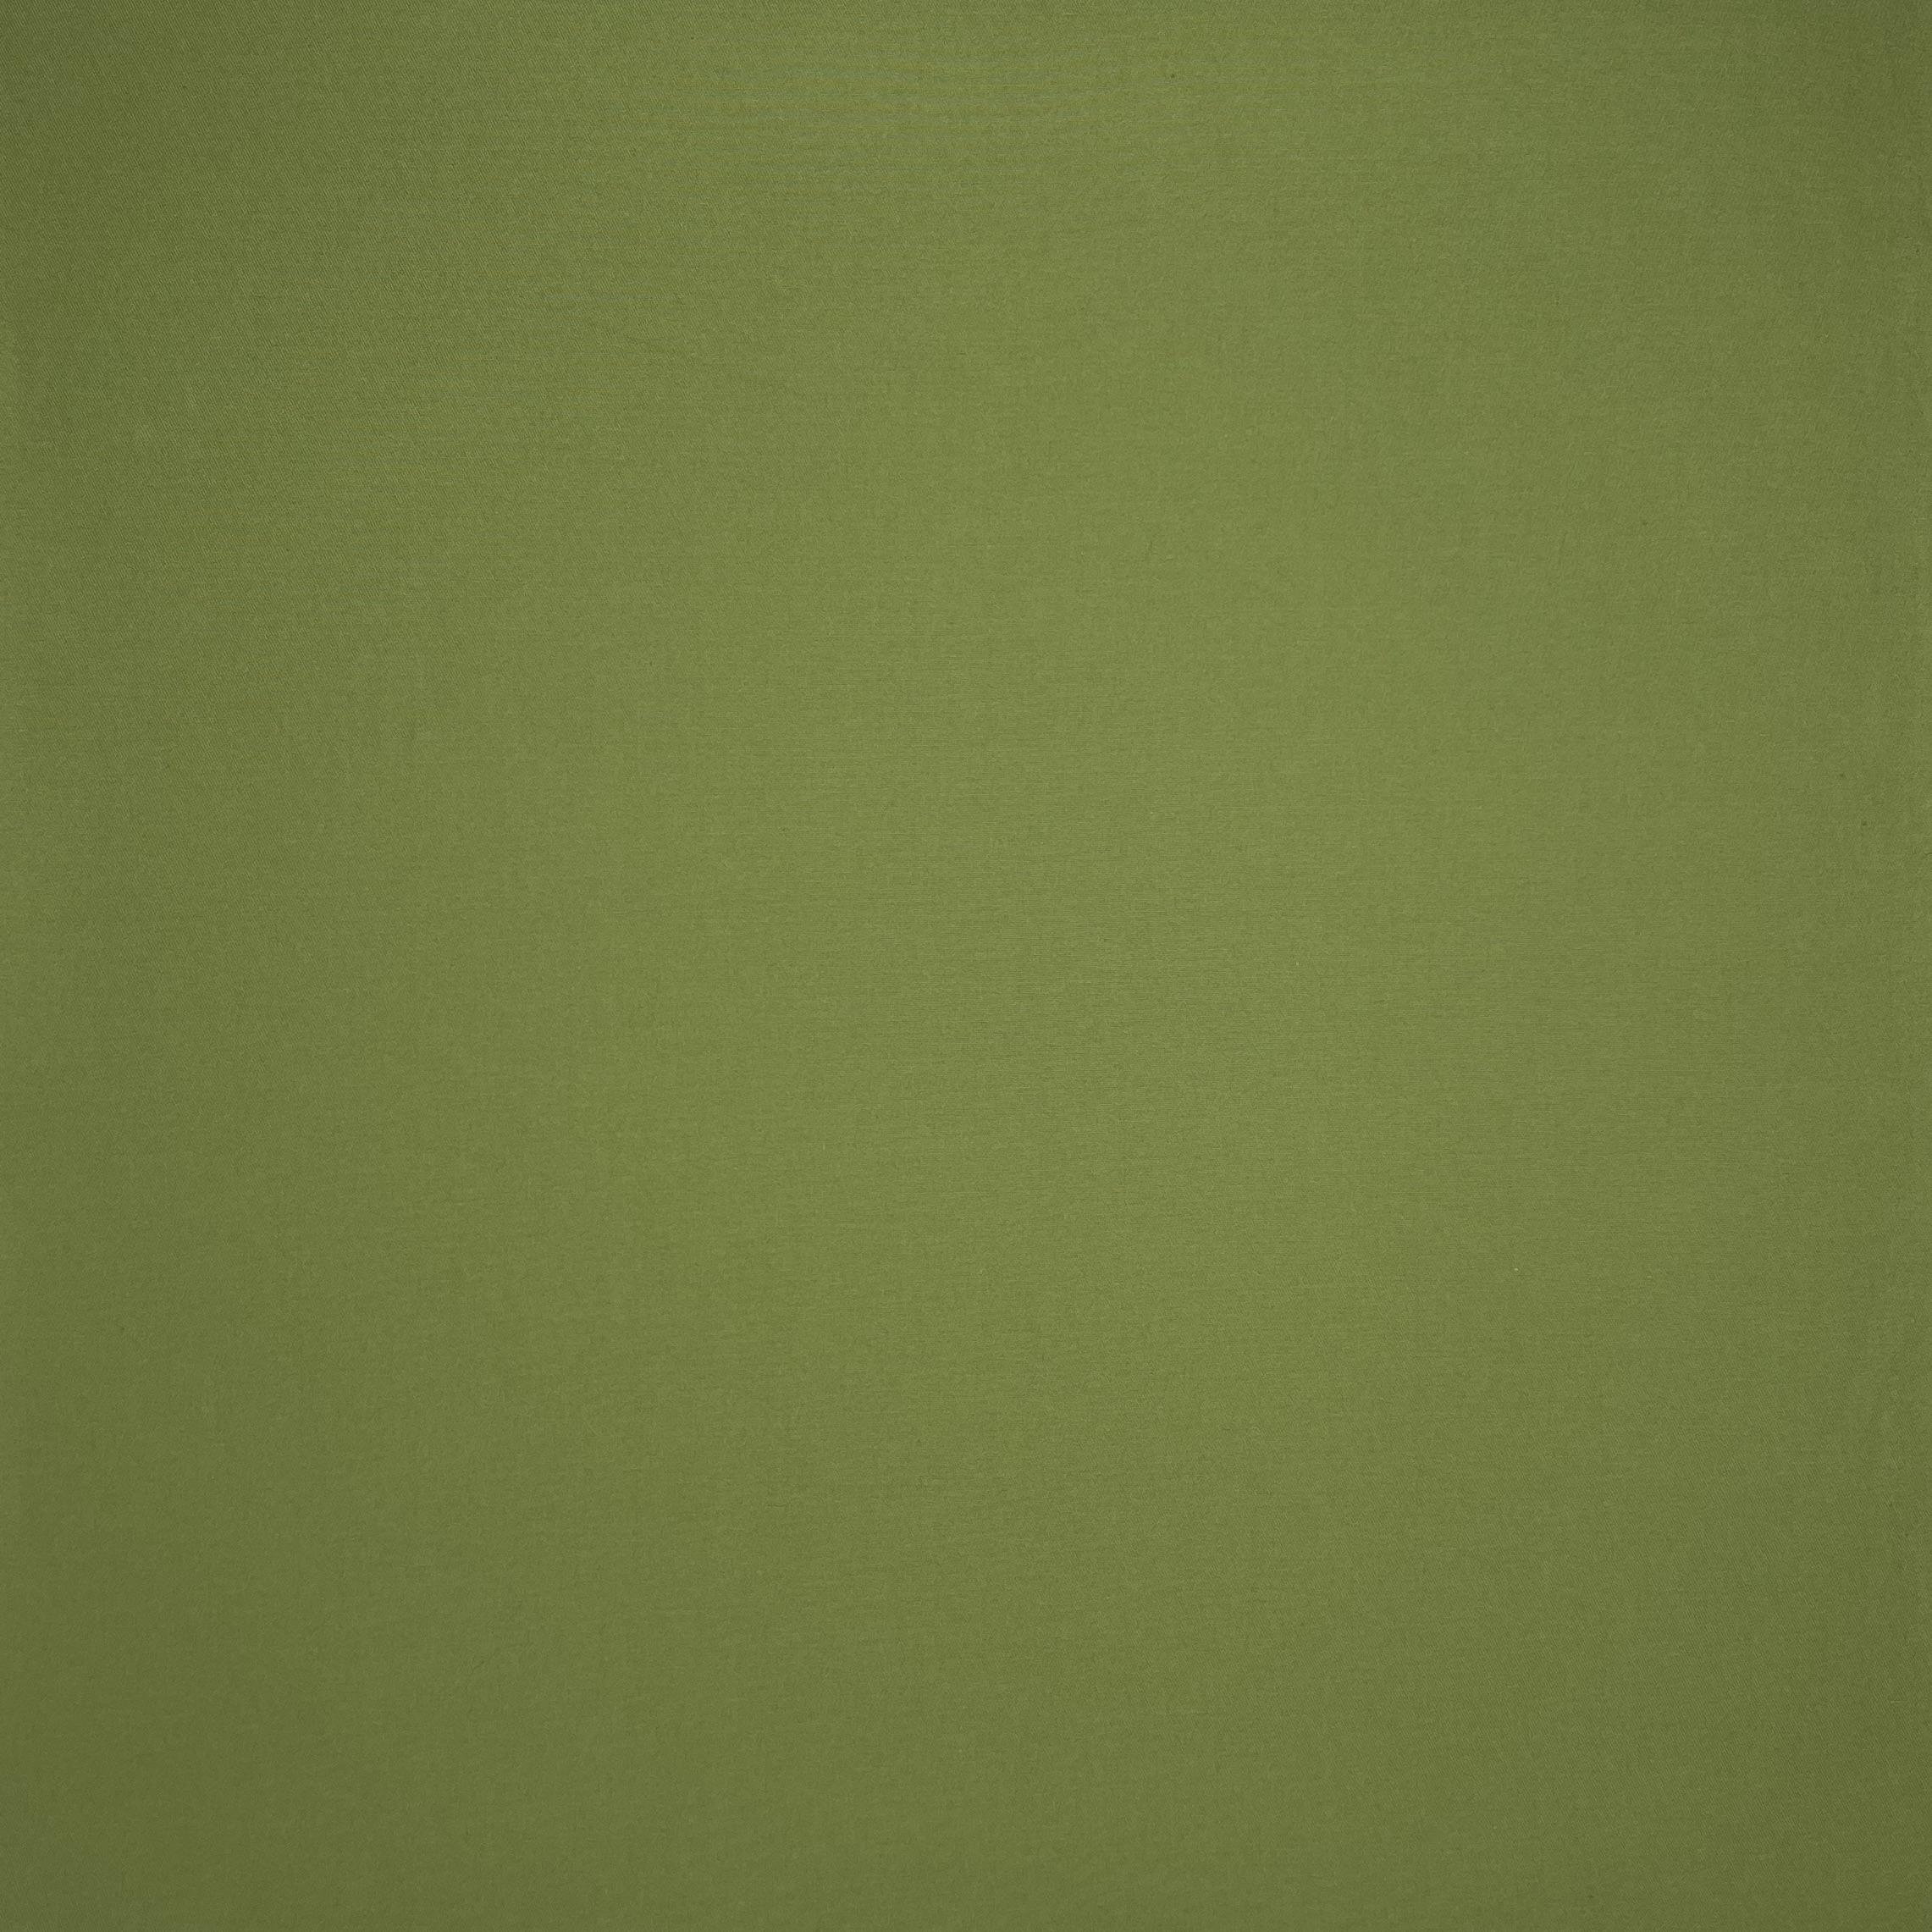 Cotton-Shakespear-Green-303